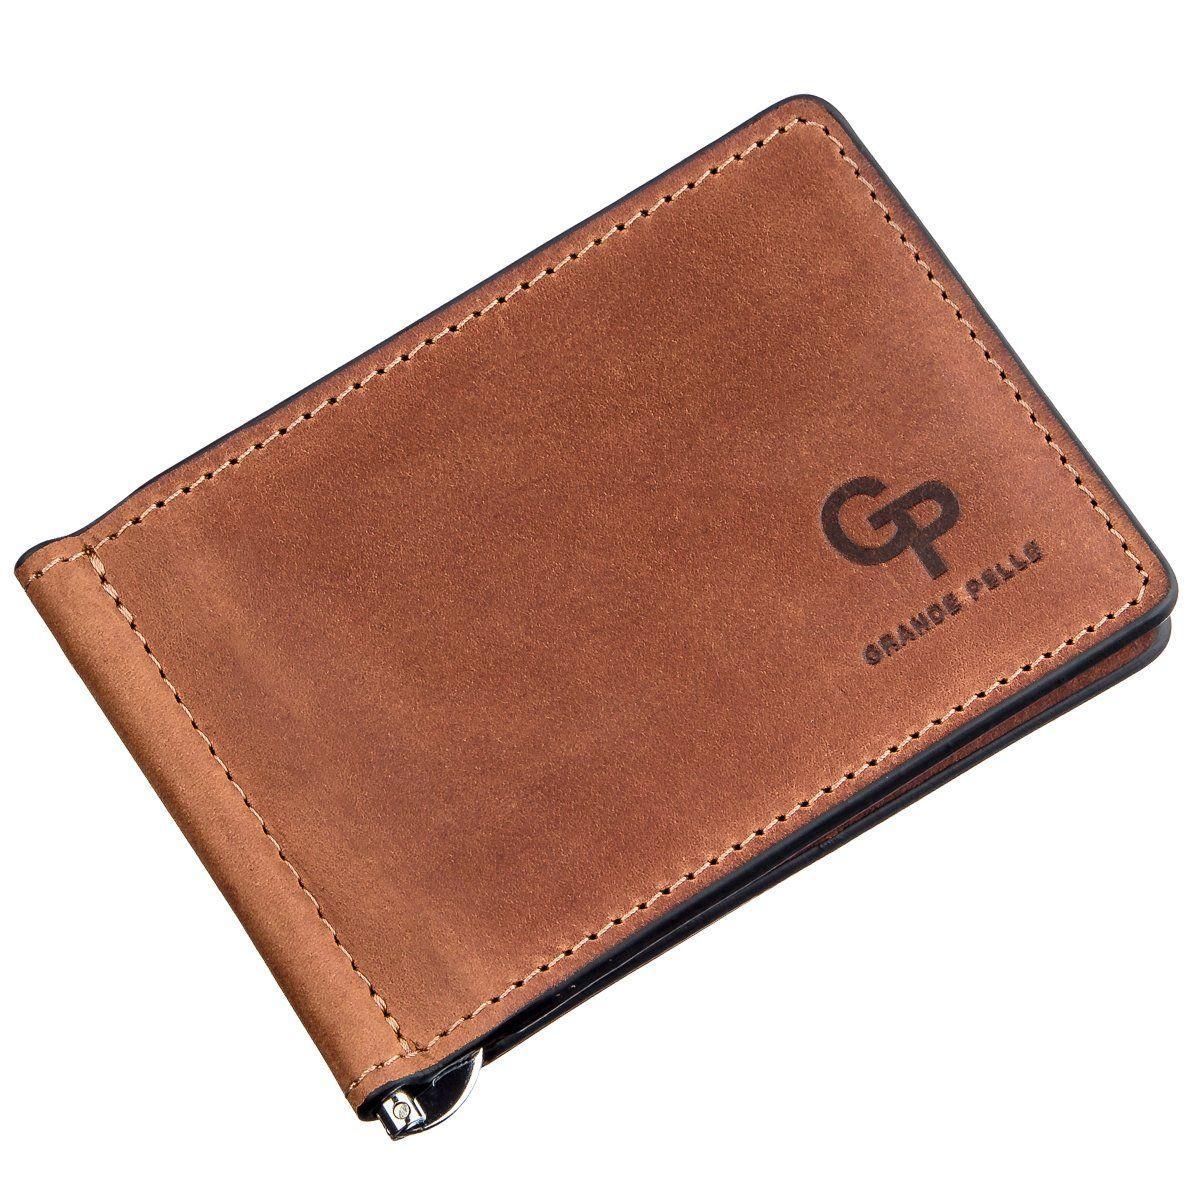 Компактный зажим для денег без застежки GRANDE PELLE 11241 Коричневый, Коричневый